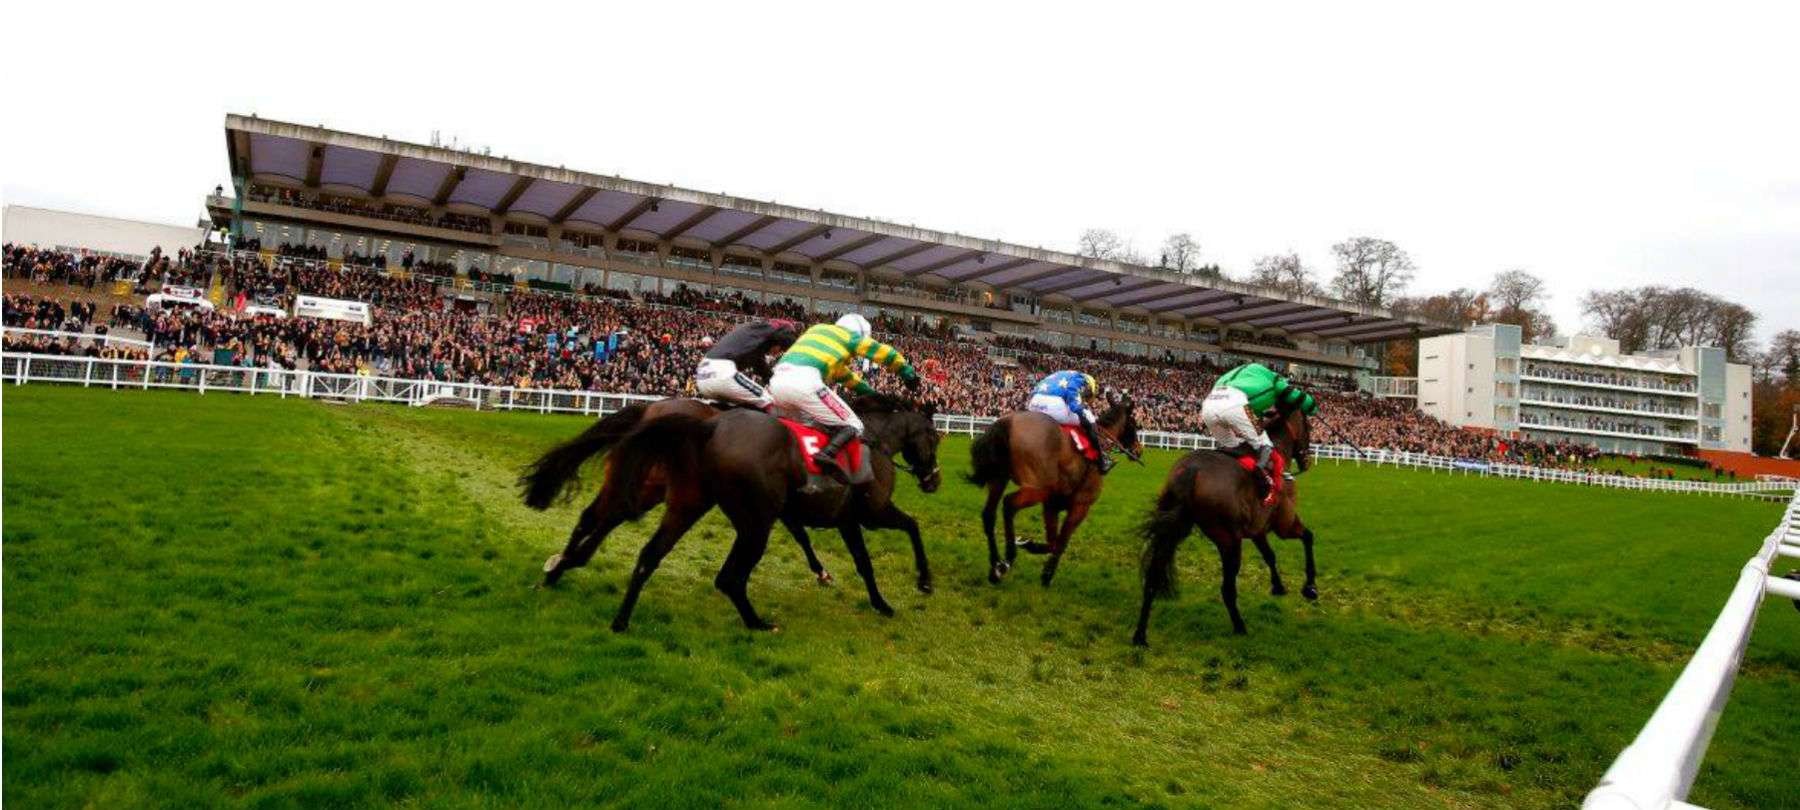 Copy of horses-racing-grandstand-behind-hero.jpg